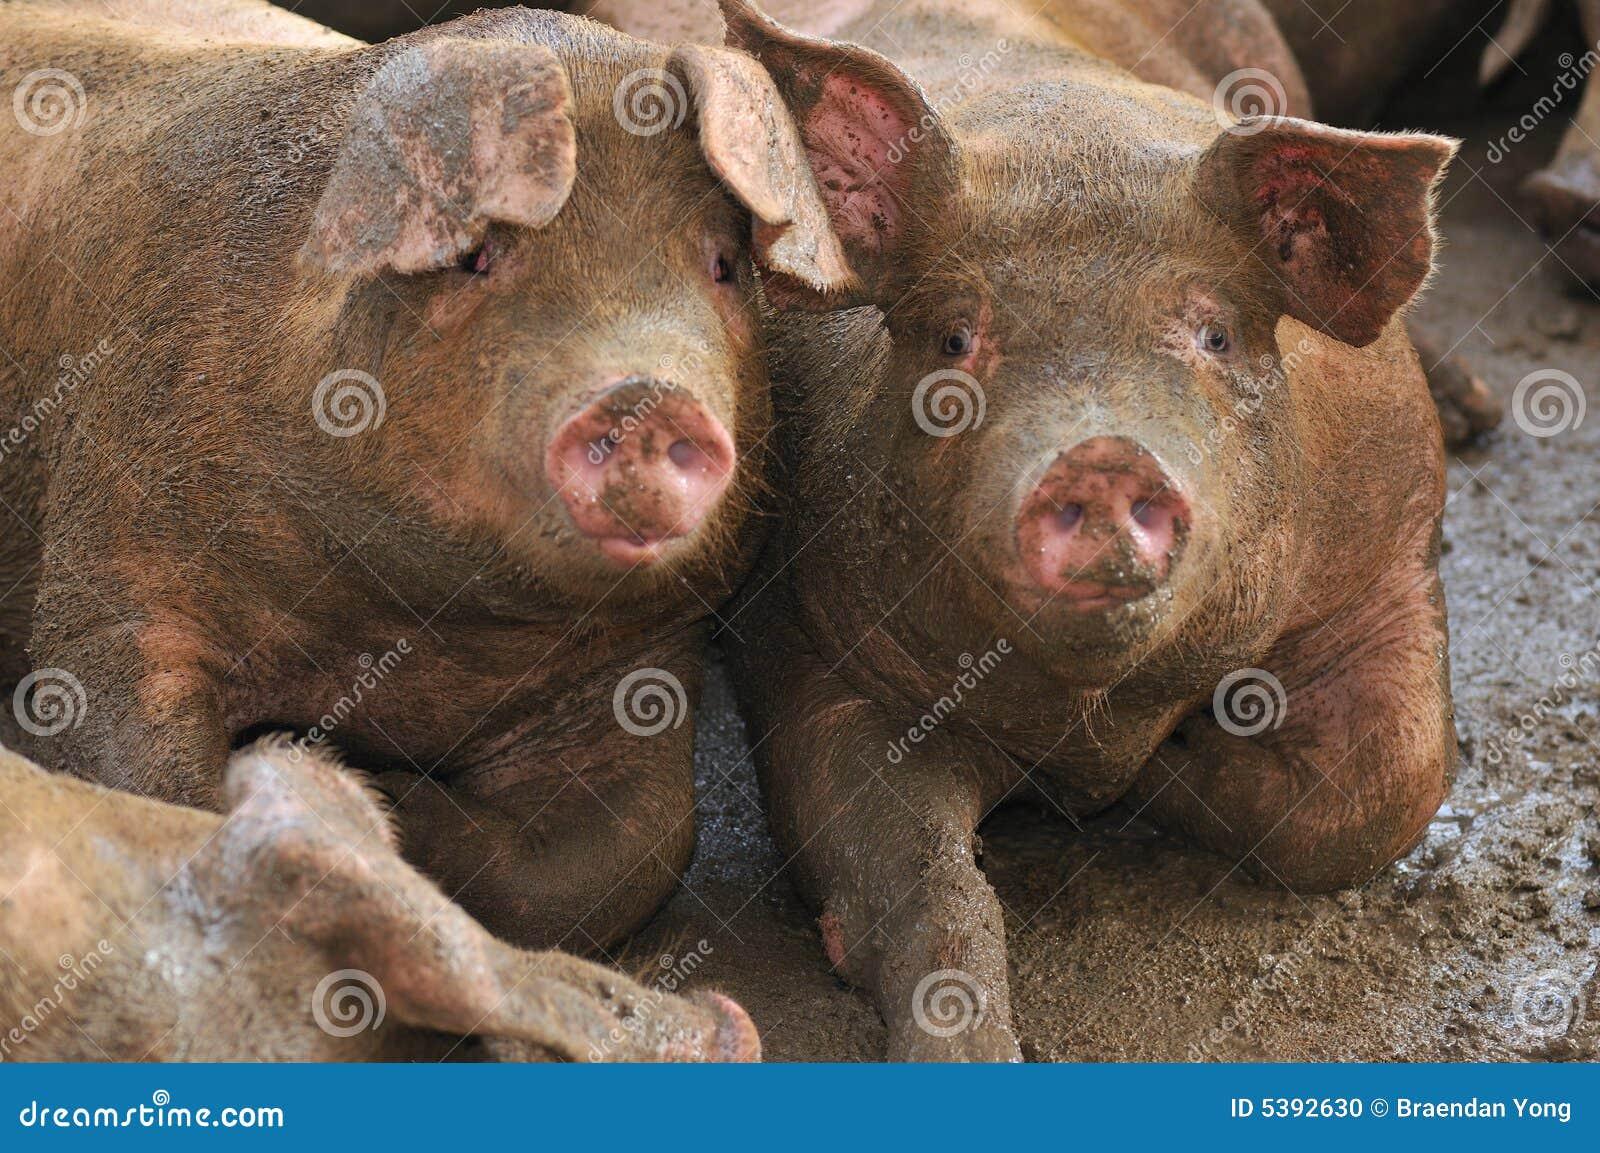 Pig Farming Series 8